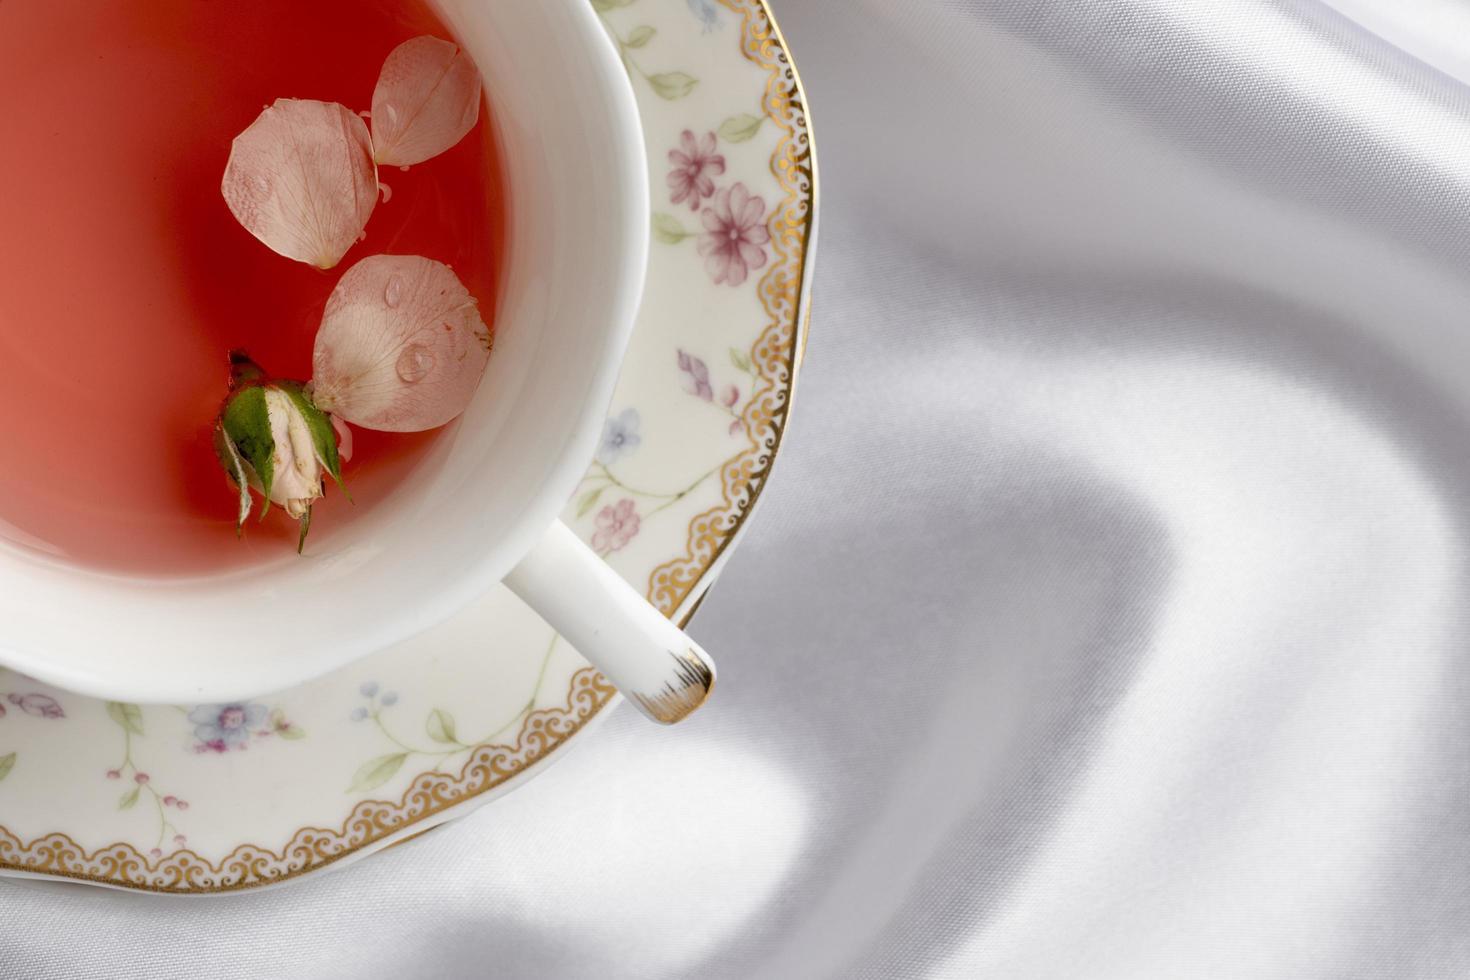 composición de la fiesta del té con espacio de copia foto